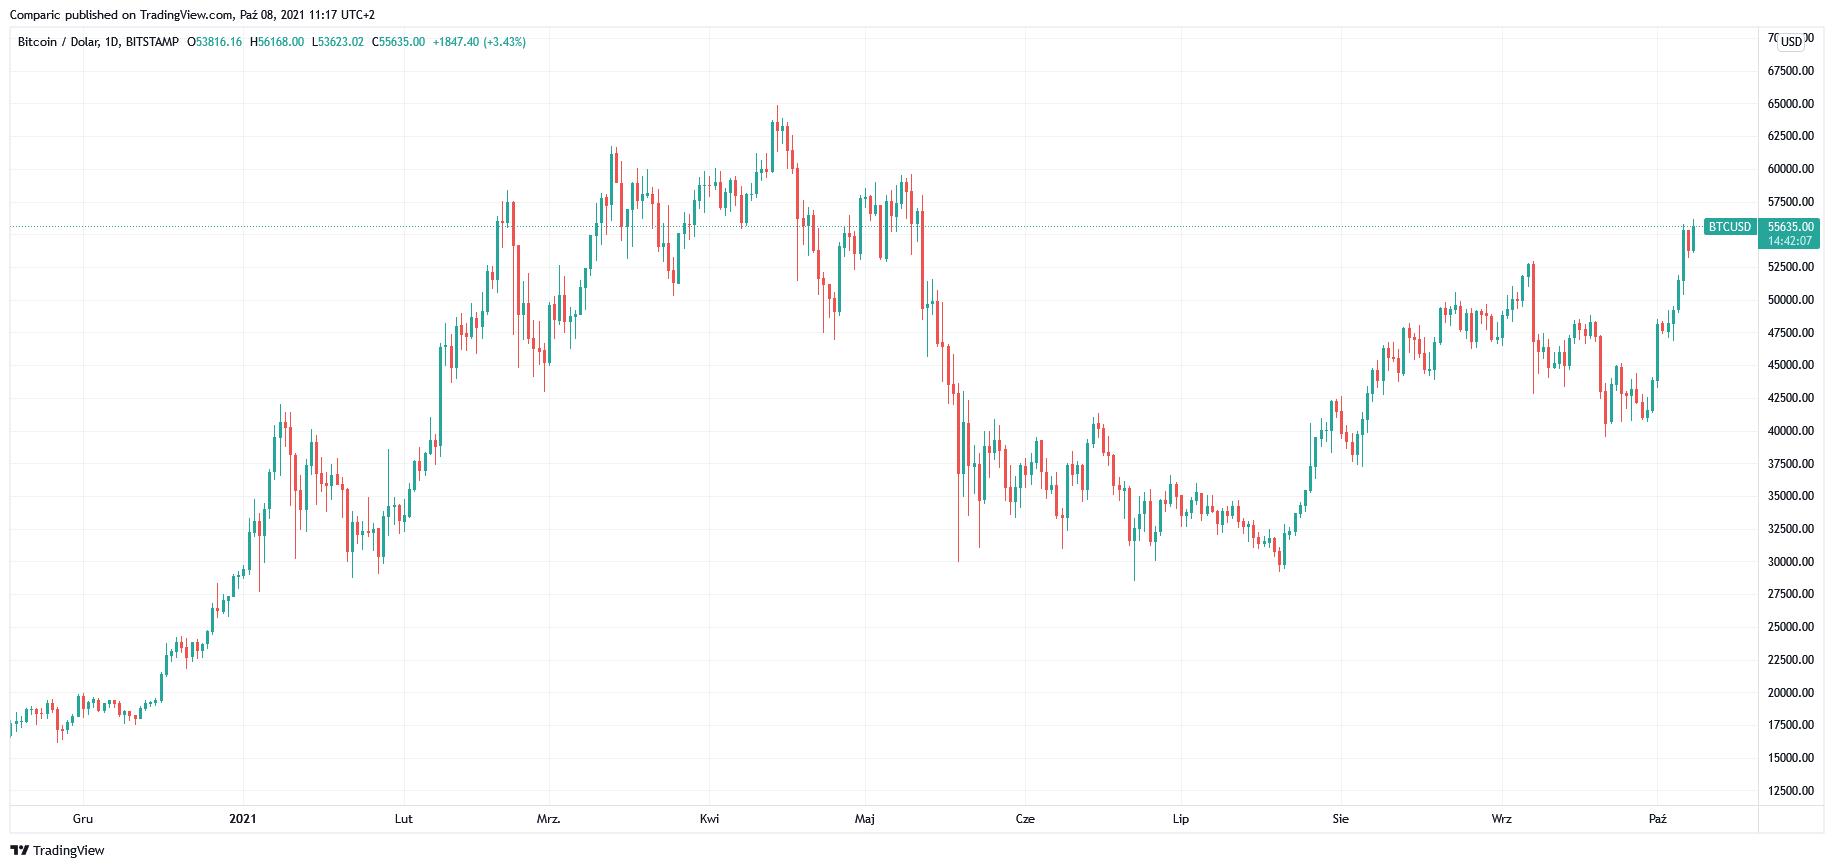 Bitcoin lepszy niż złoto? Tak uważają niektóre instytucje, twierdzi JPMorgan